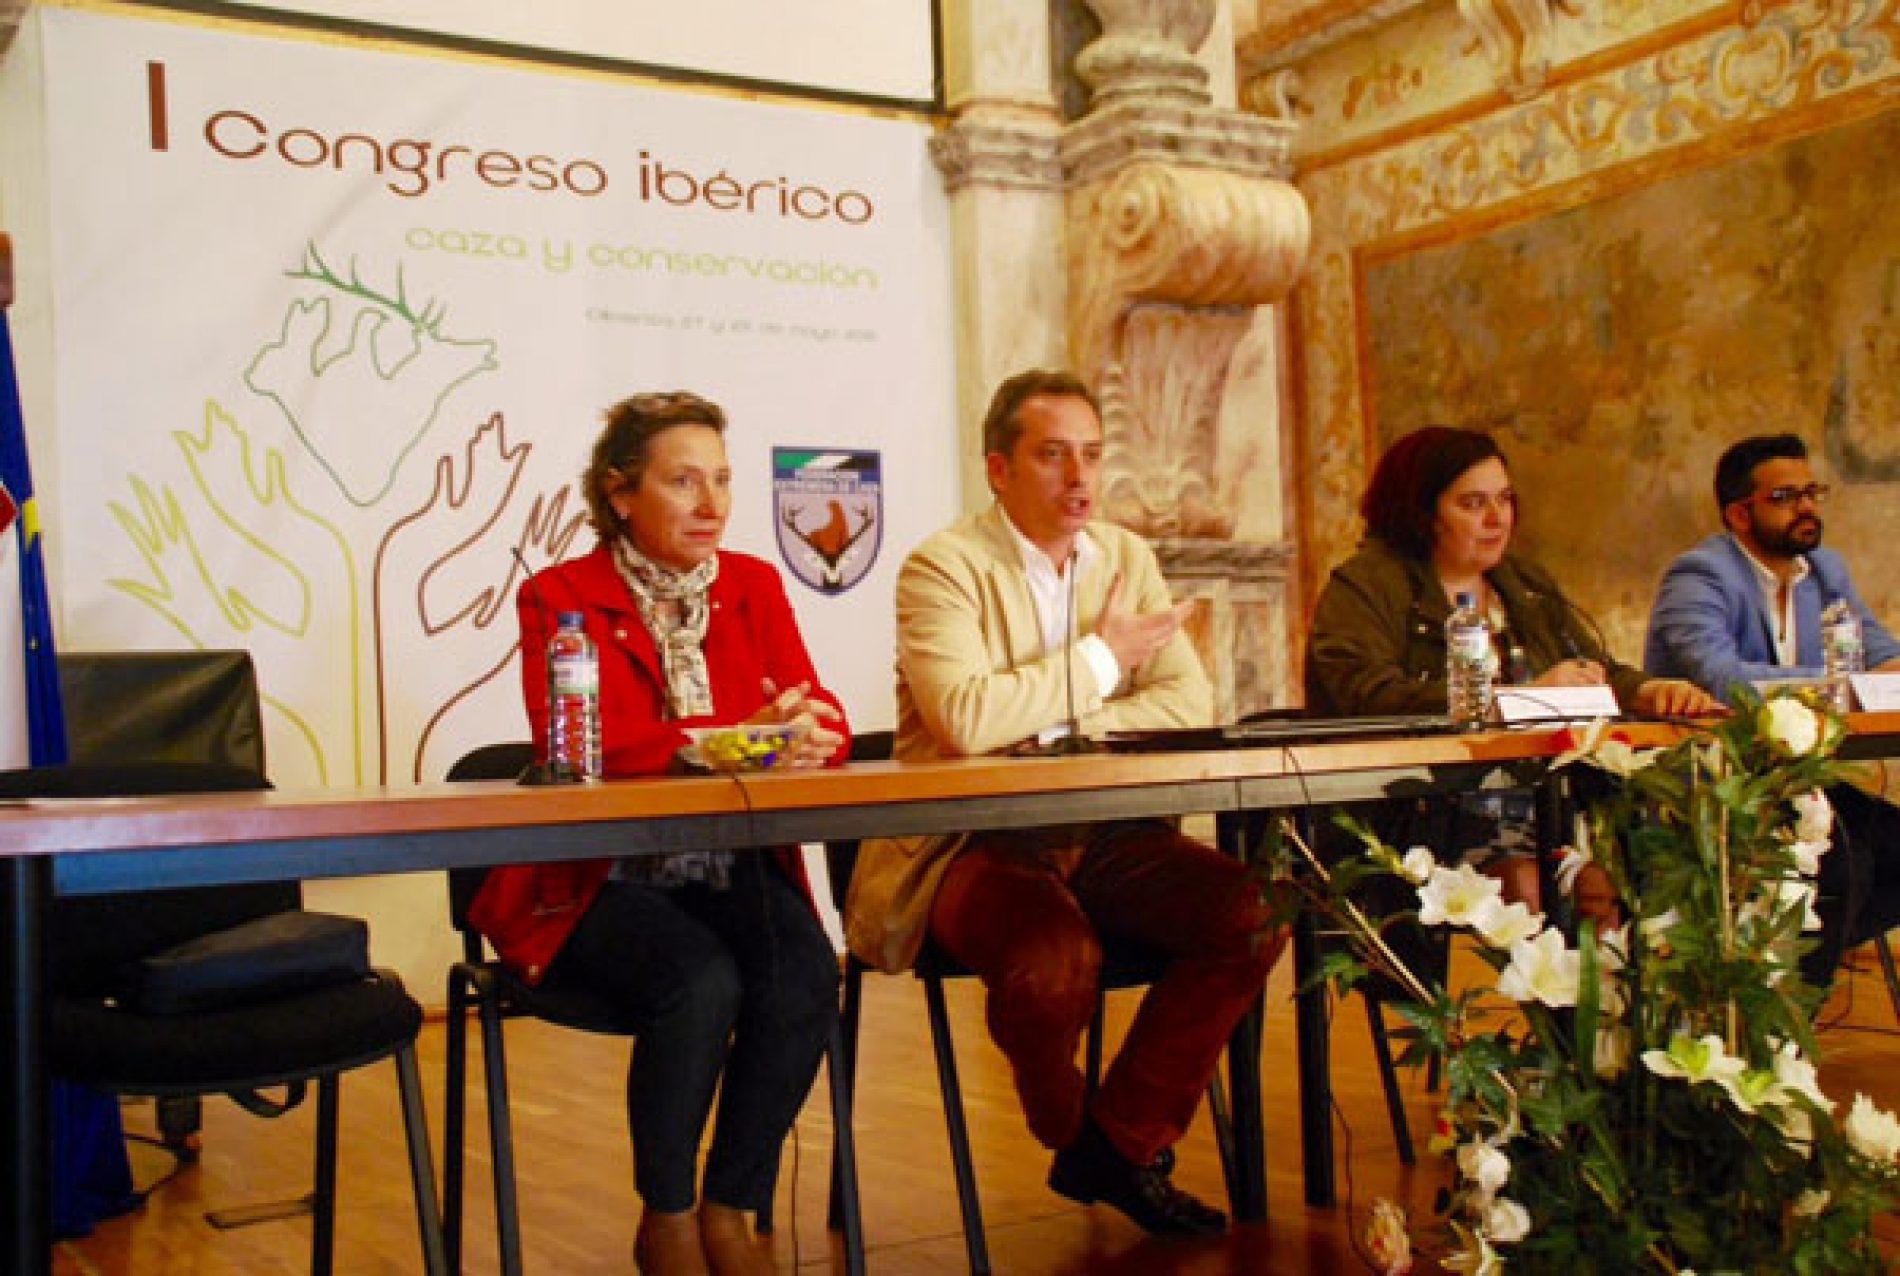 Resumen de las conclusiones del I Congreso Ibérico de Caza